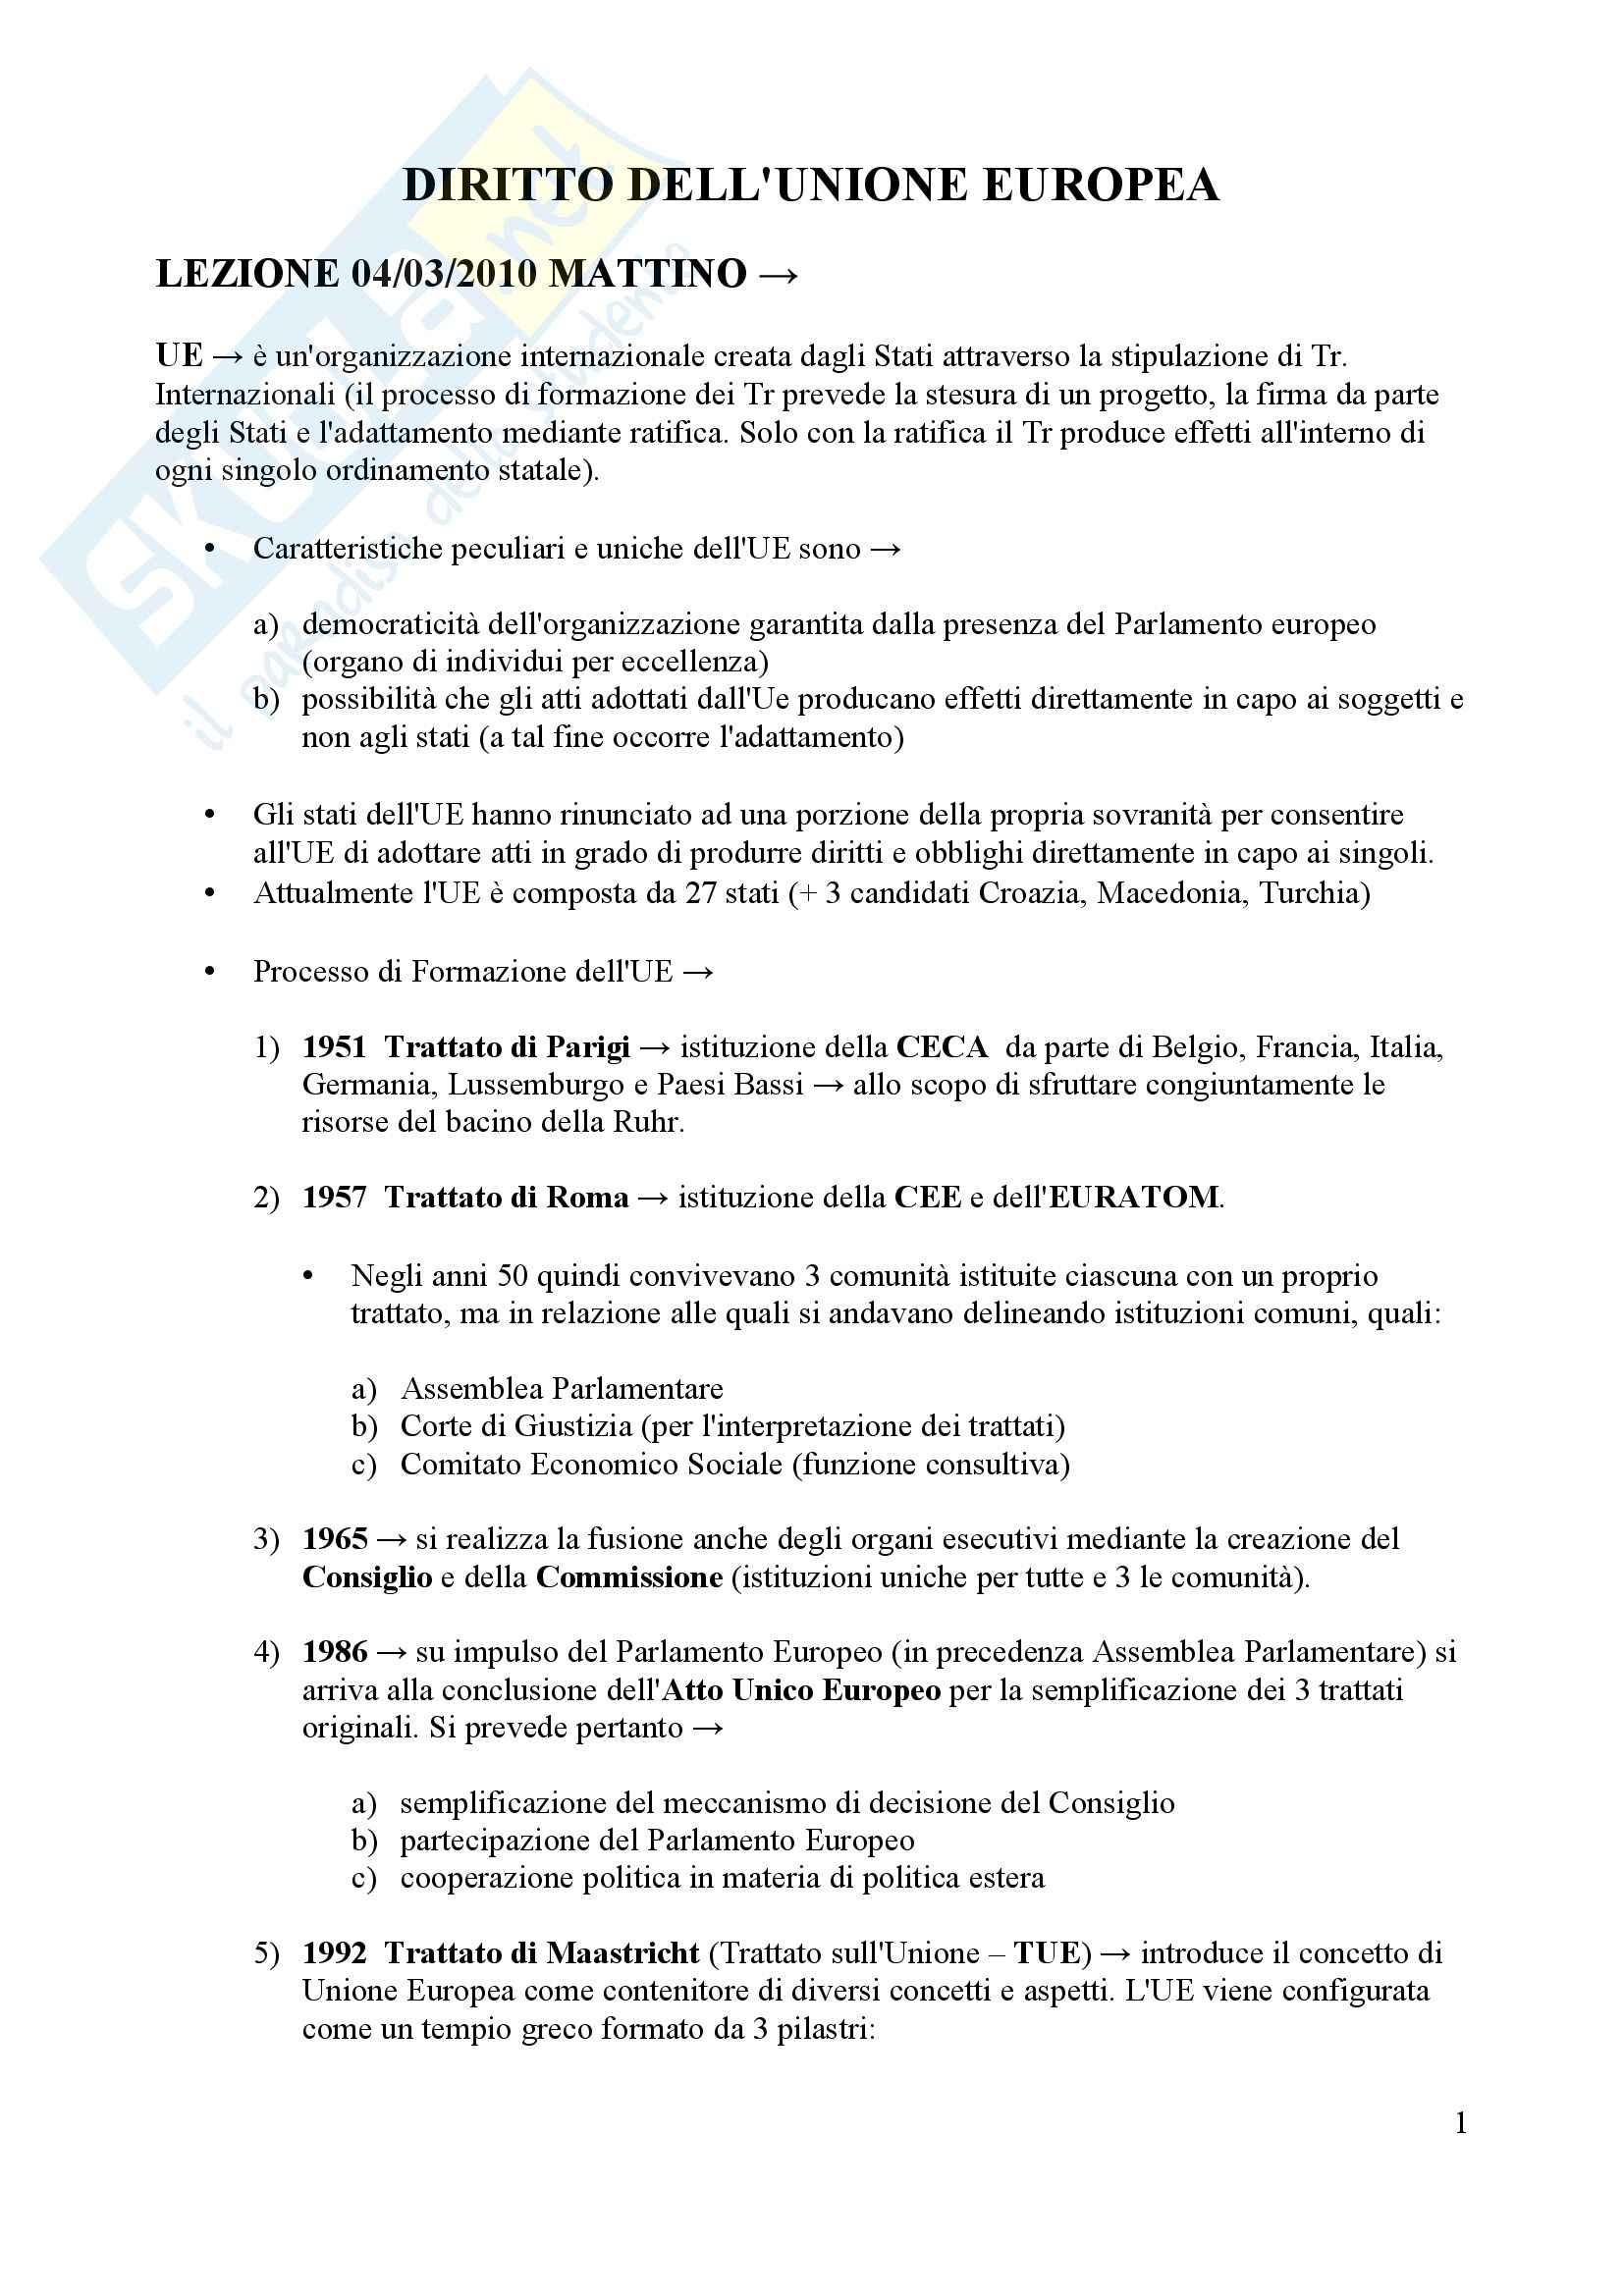 Diritto dell'Unione Europea - lezioni